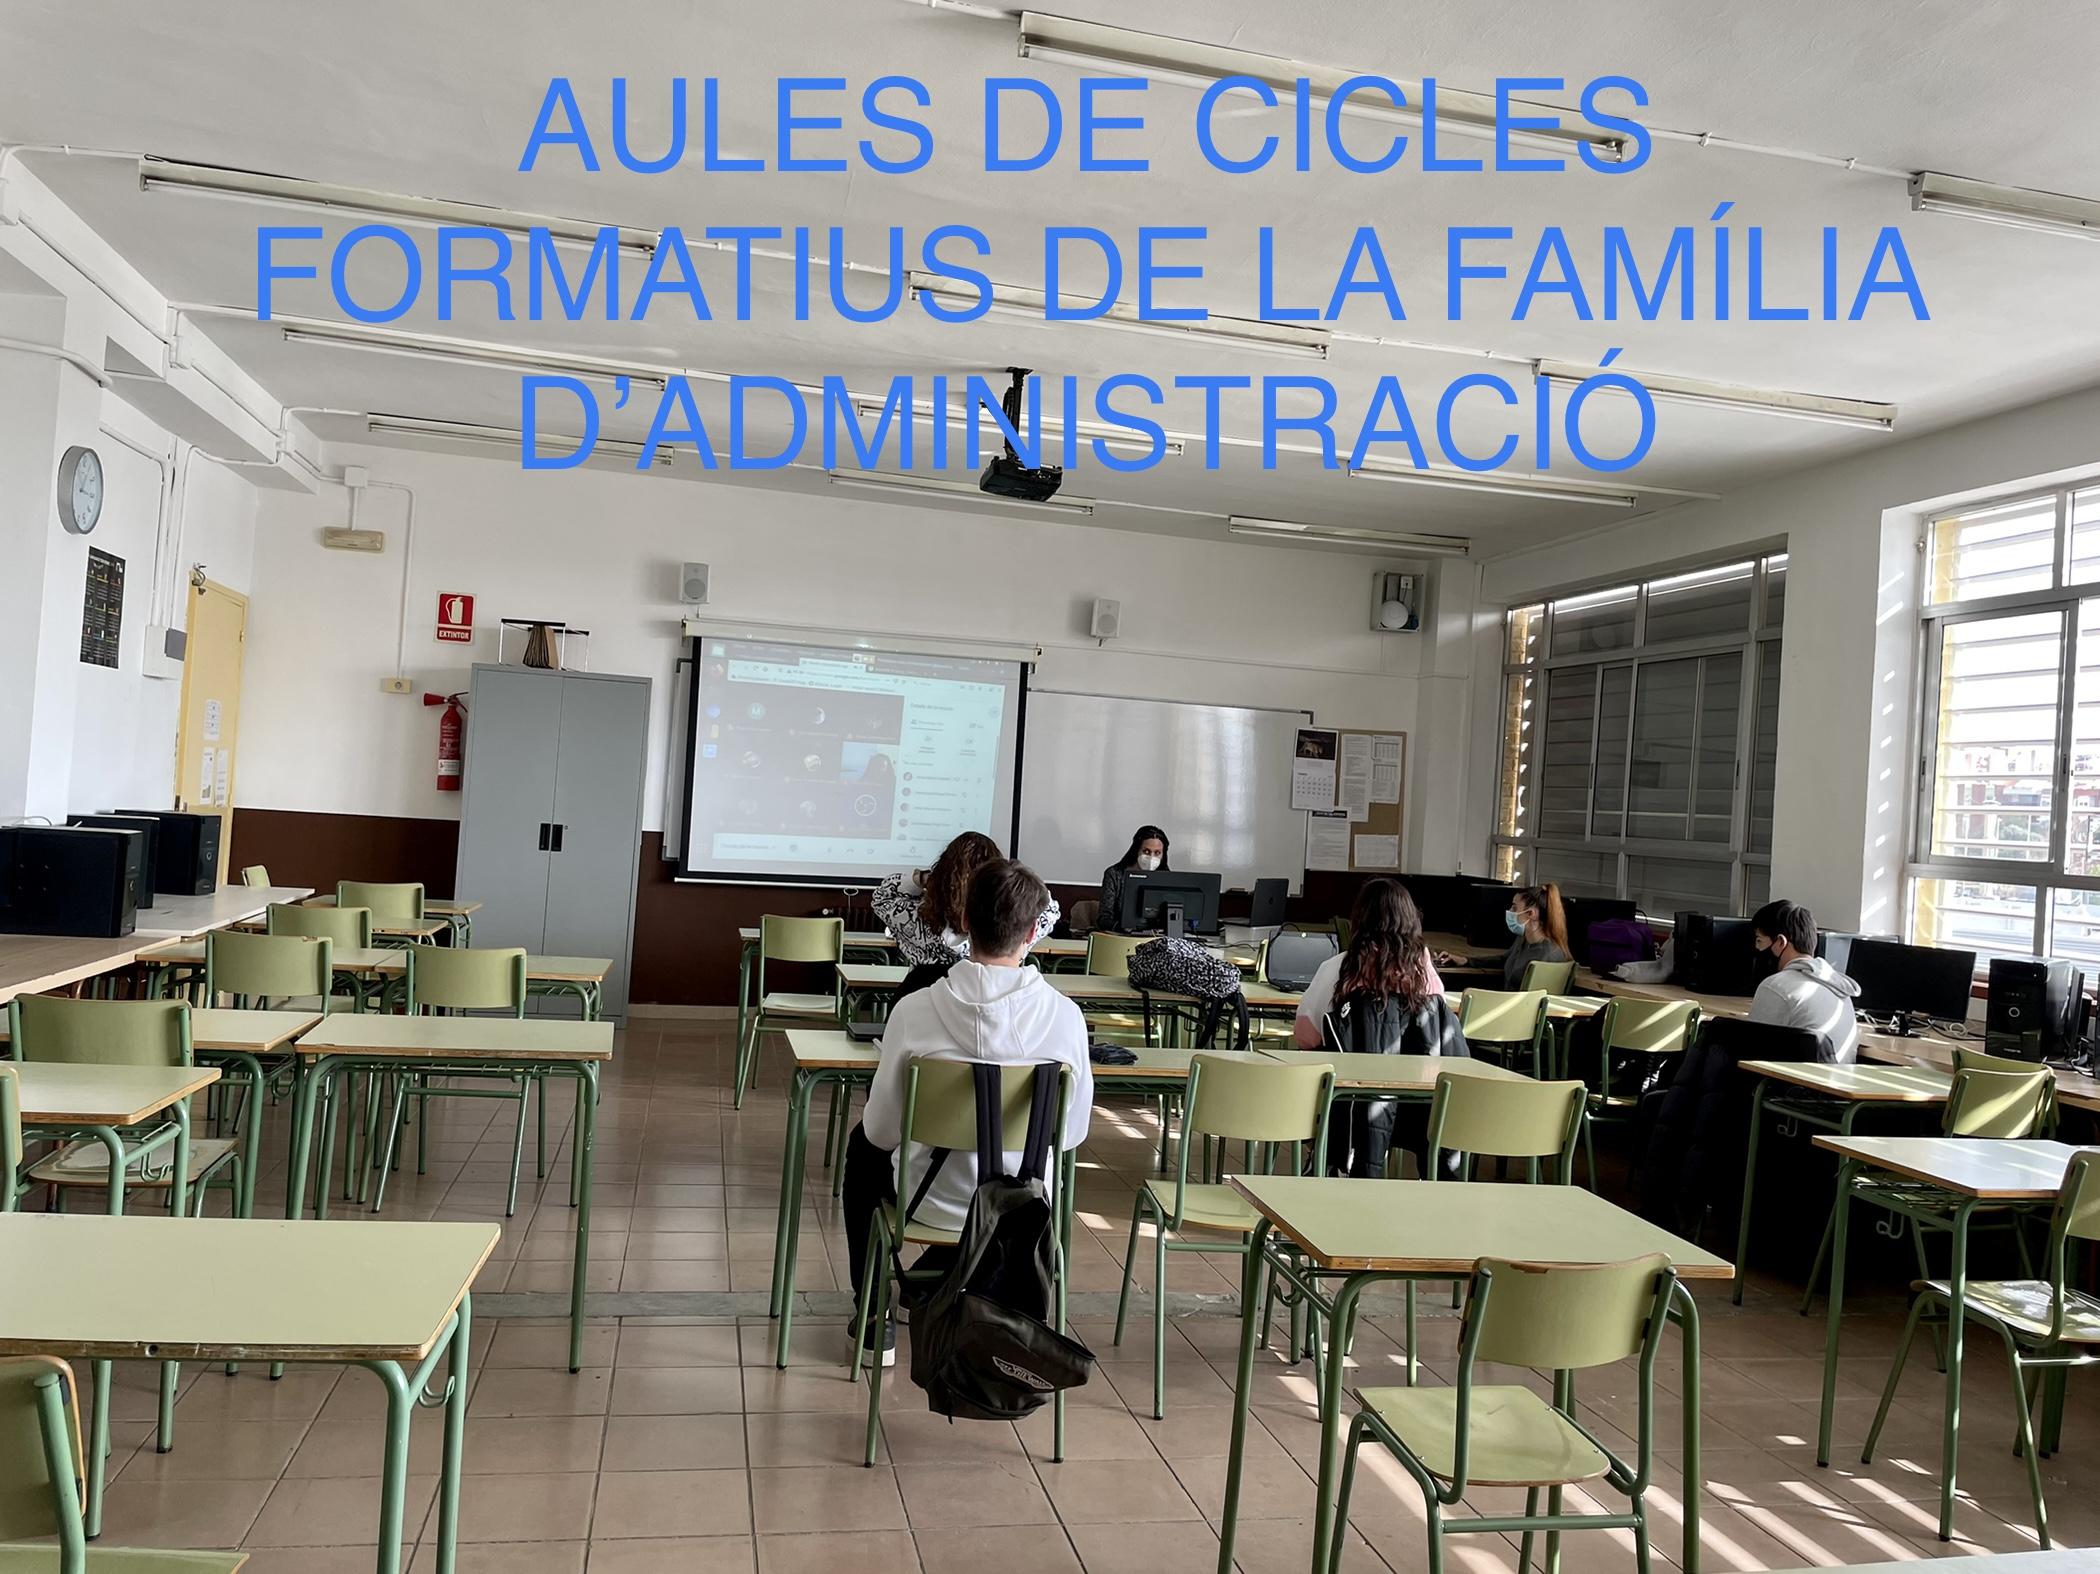 Aules de cicles formatius (administració)